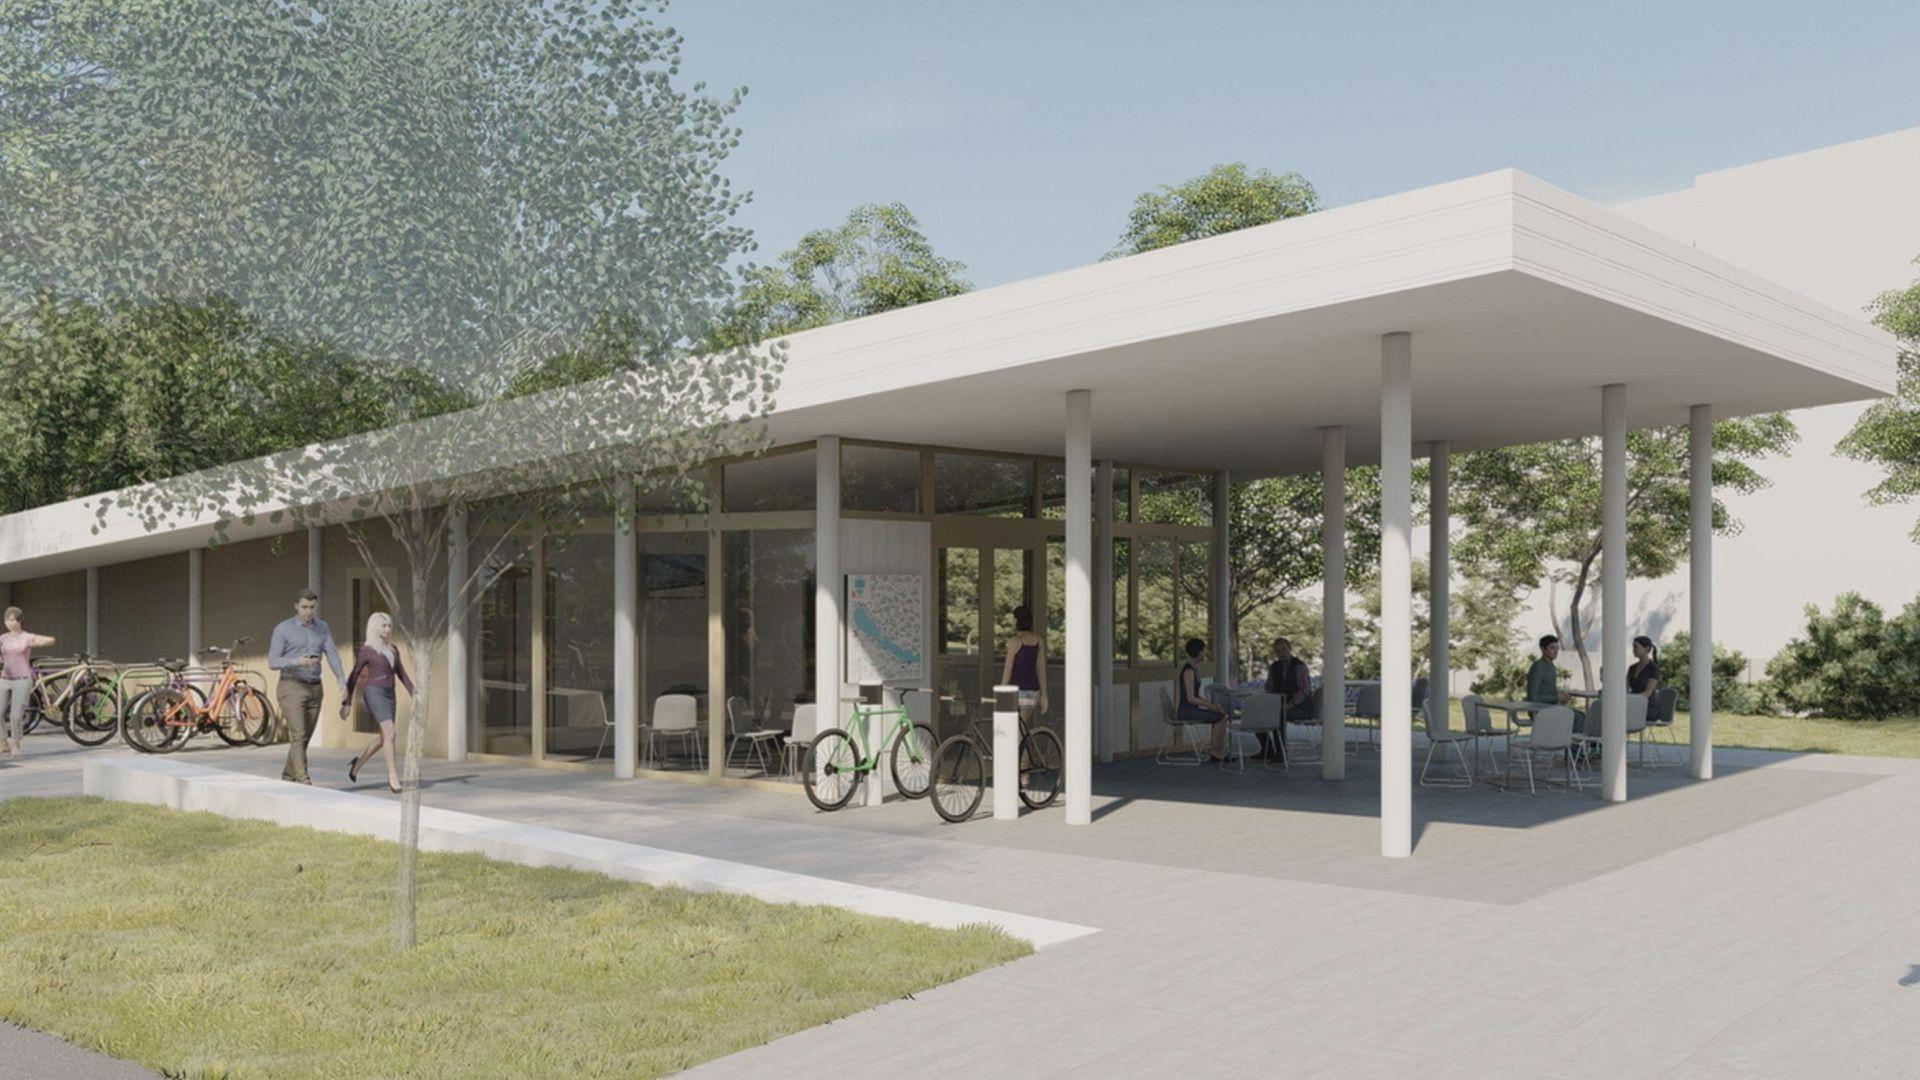 Tavaszra elkészül az új kerékpáros központ